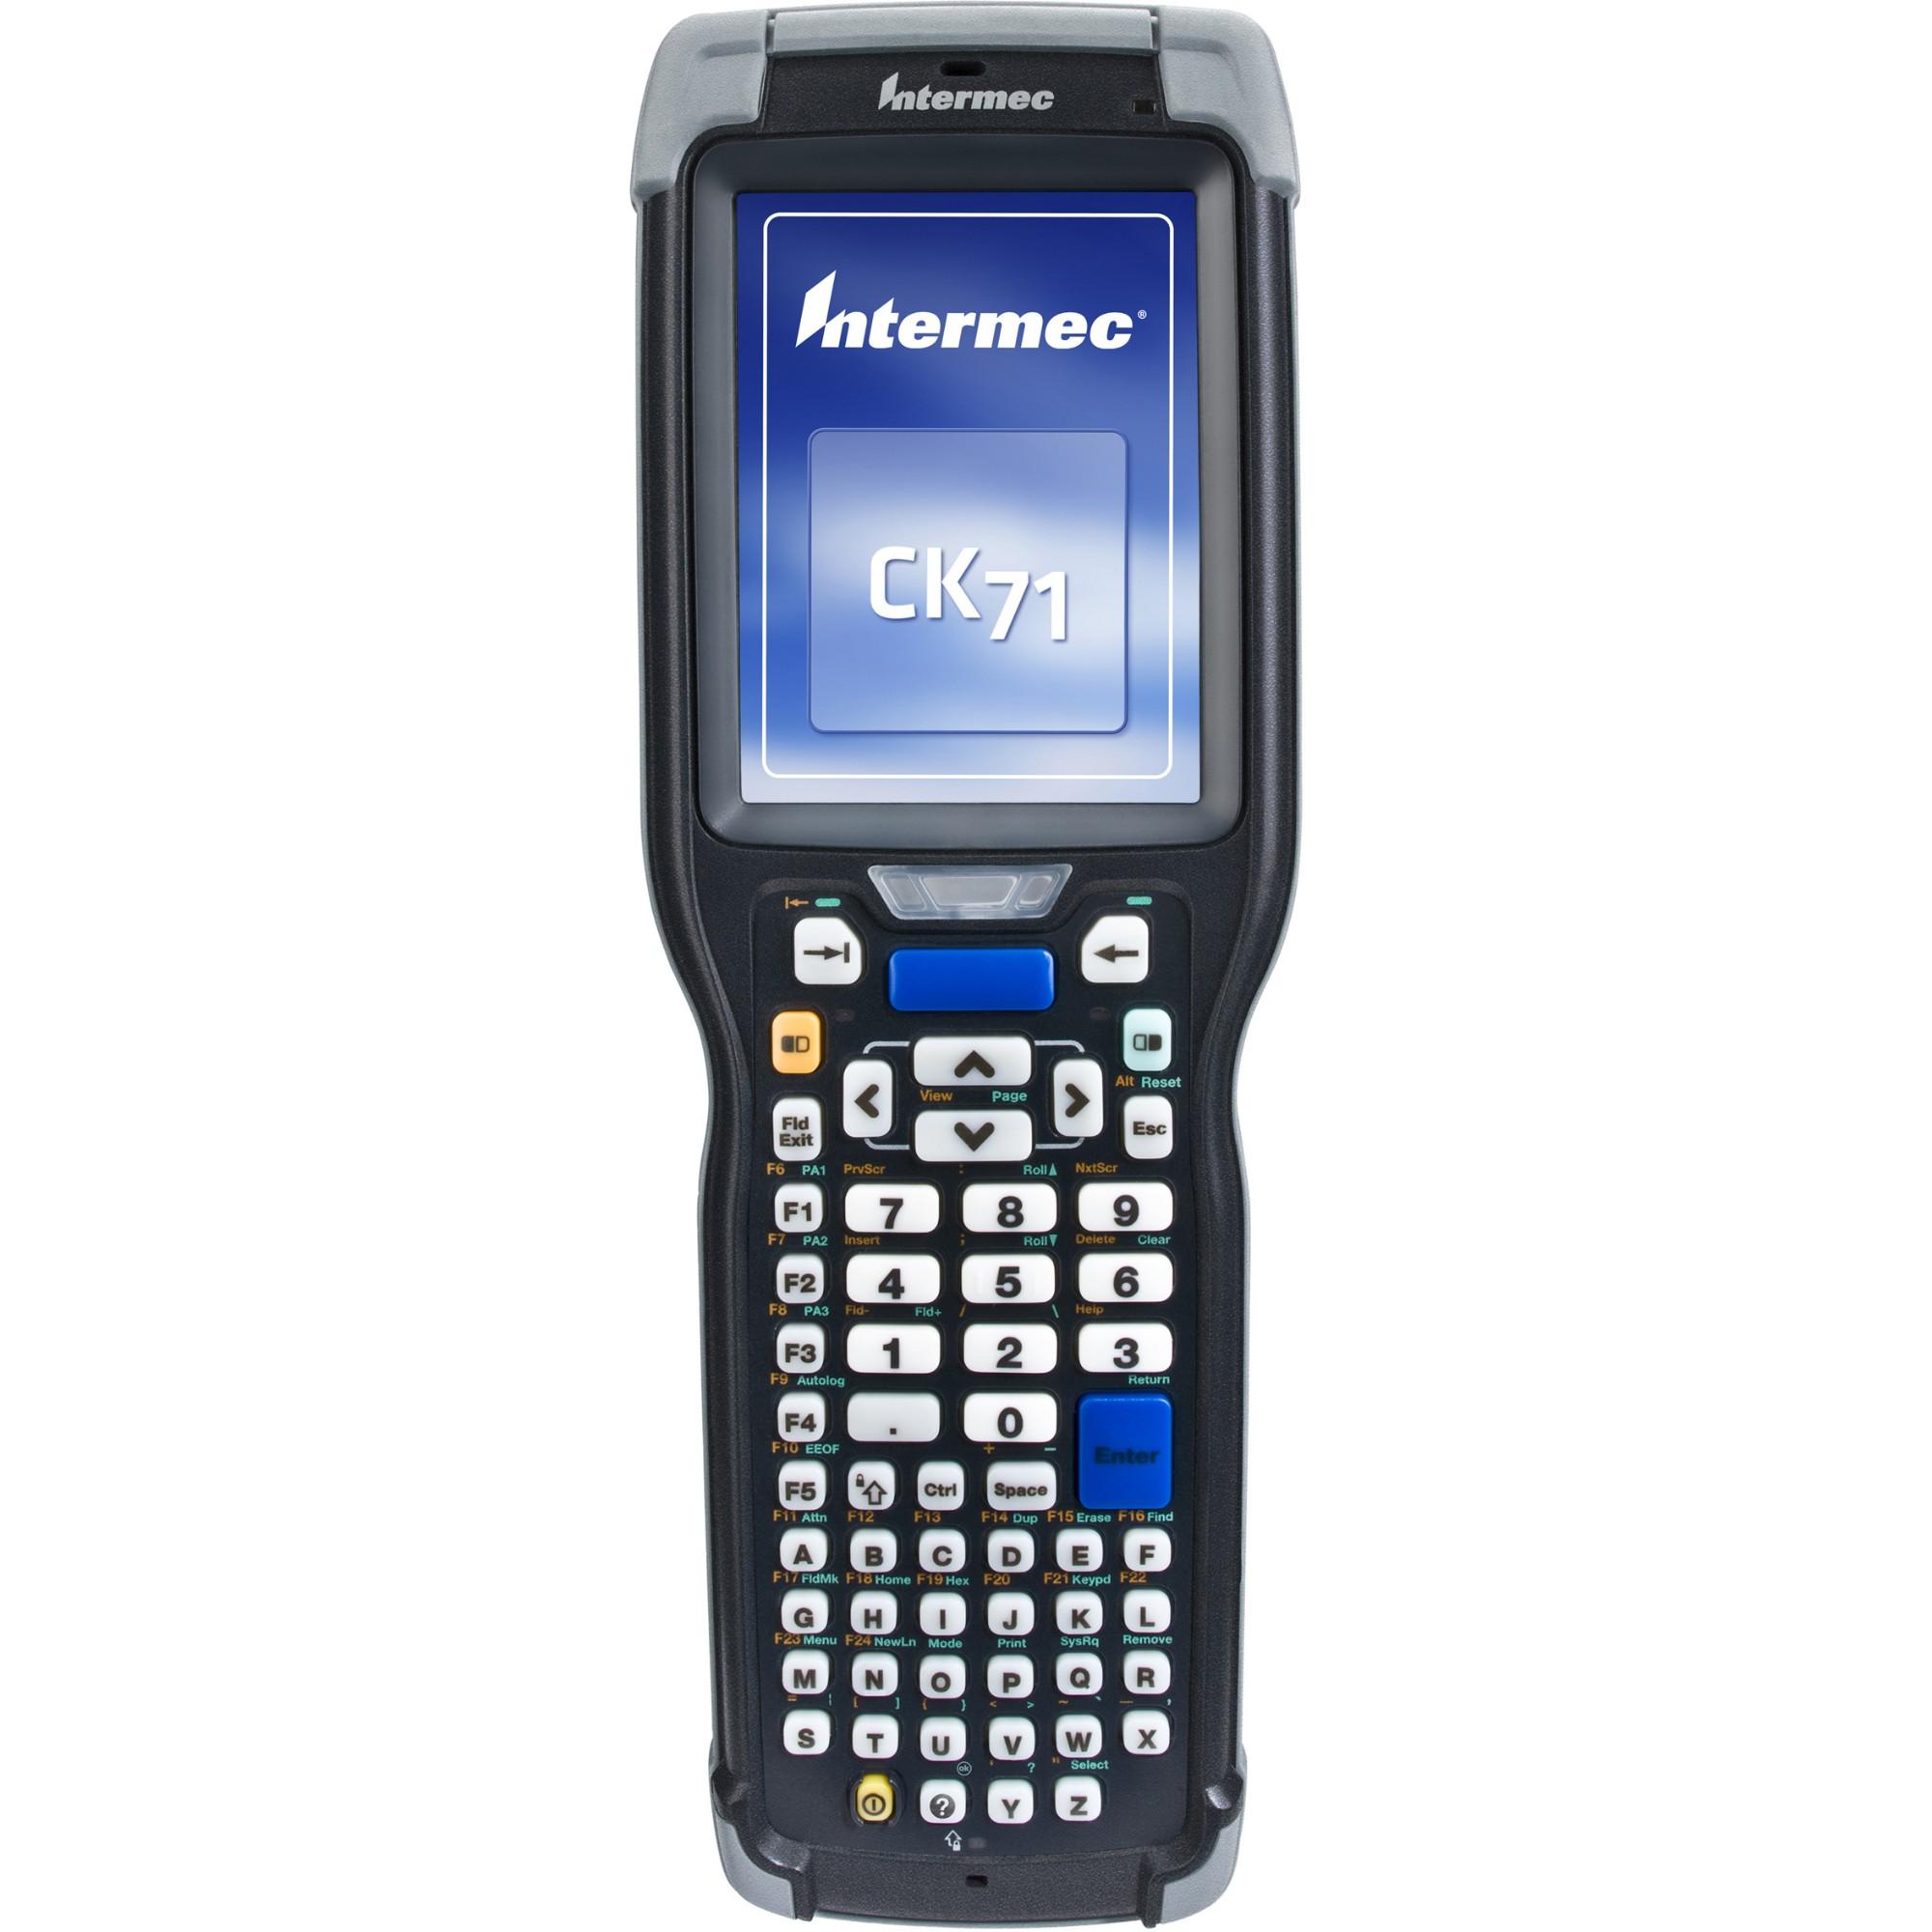 Intermec CK71 3.5